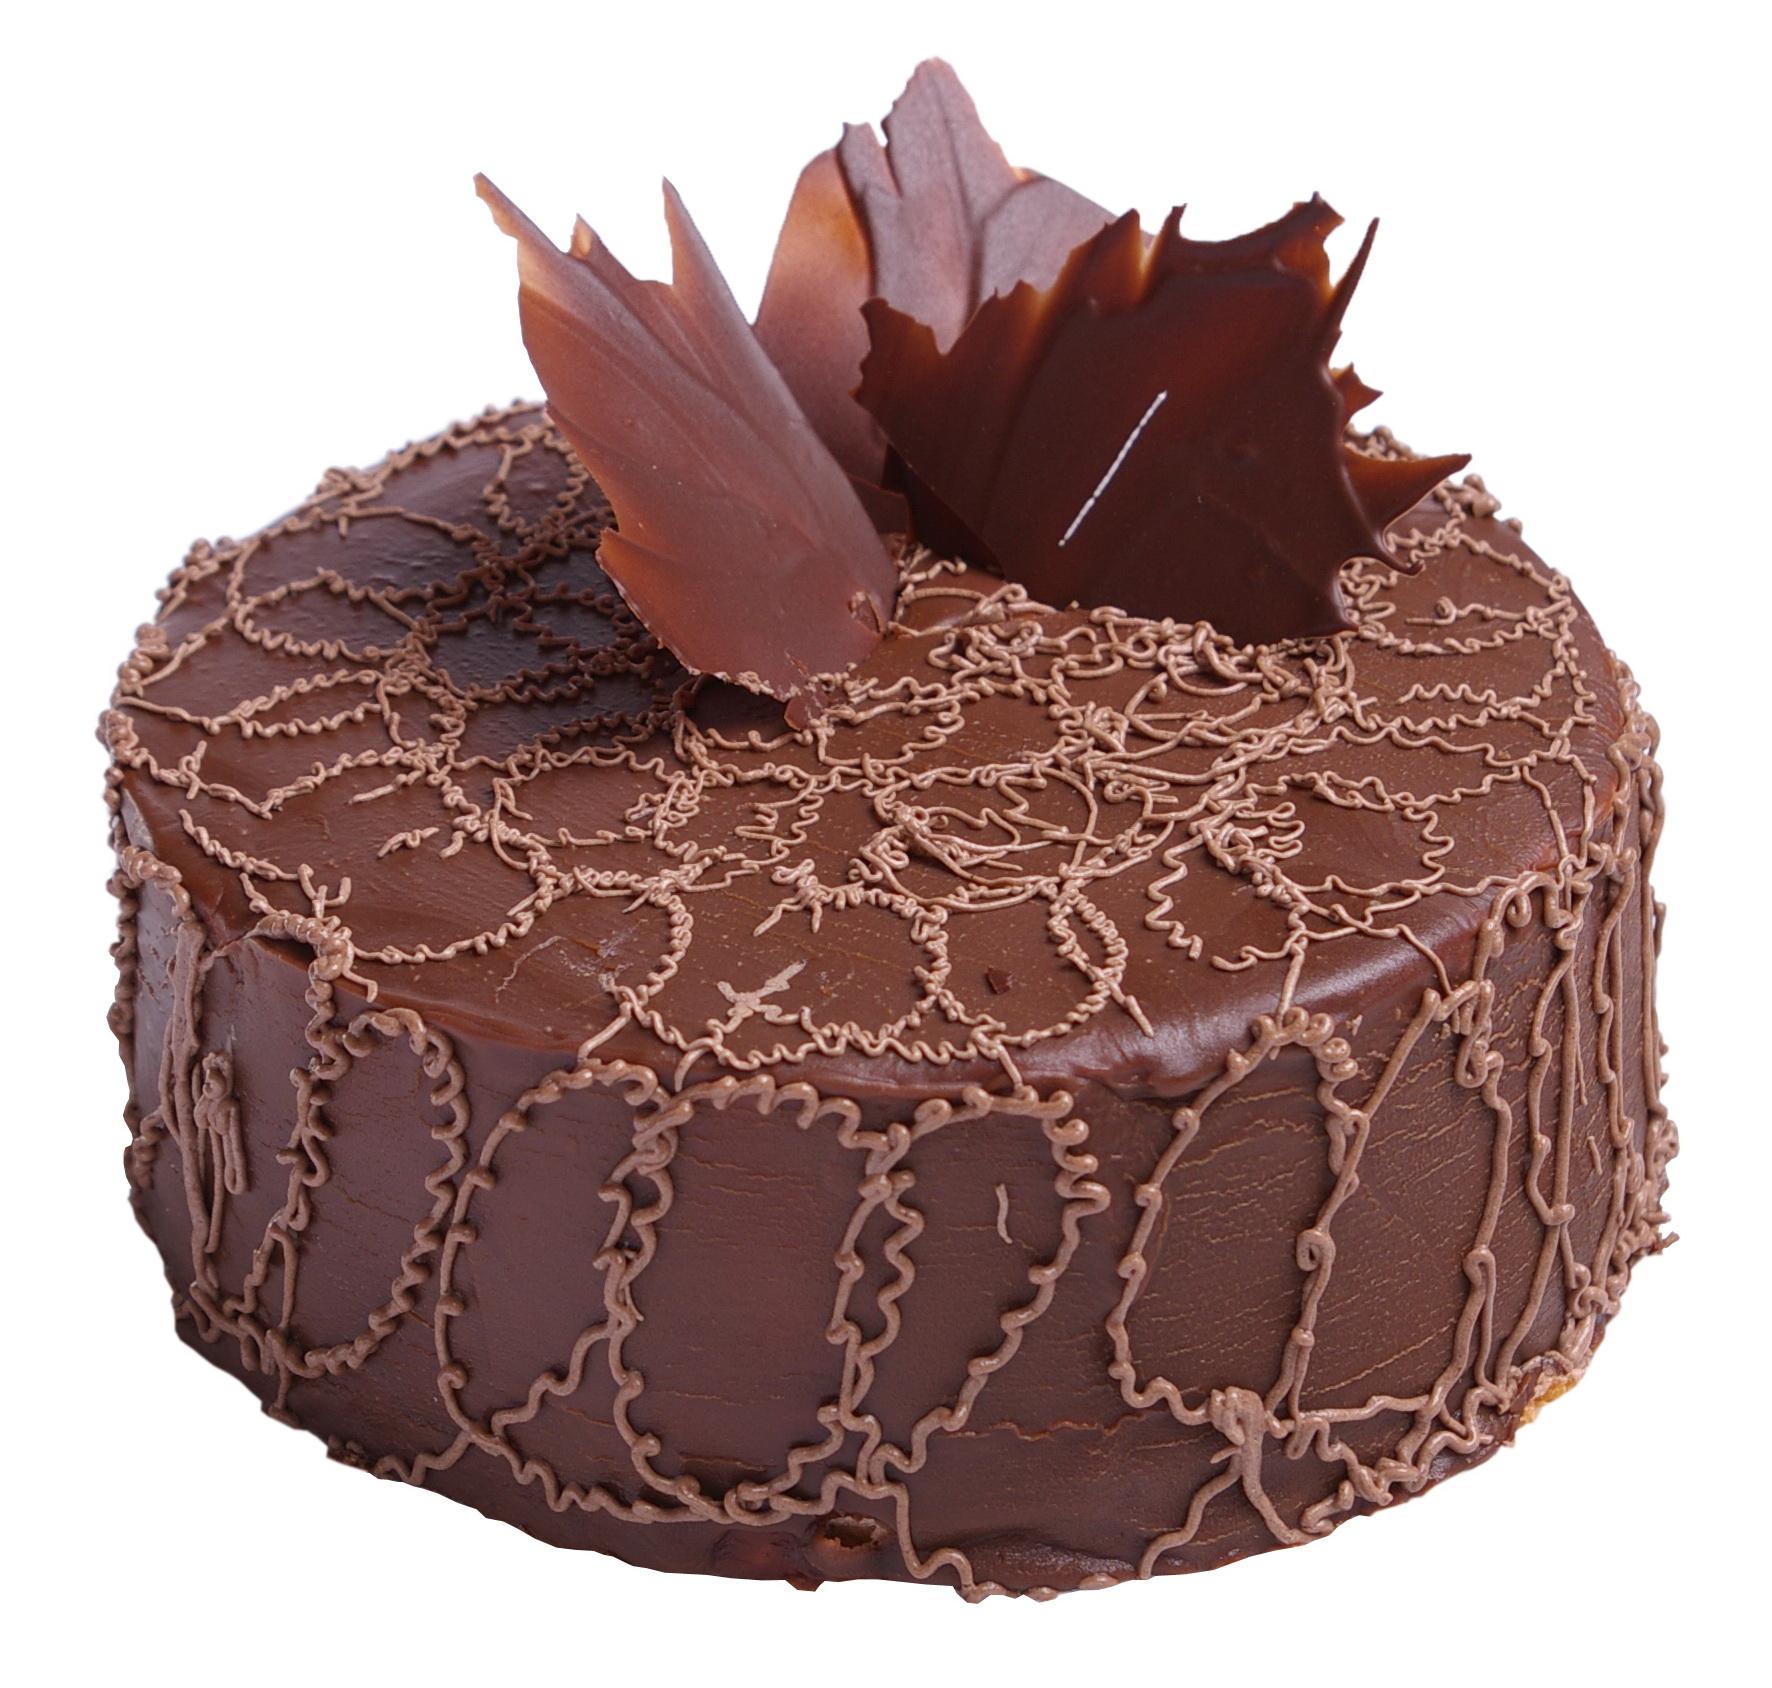 Шоколад мастер класс киев поделка #12